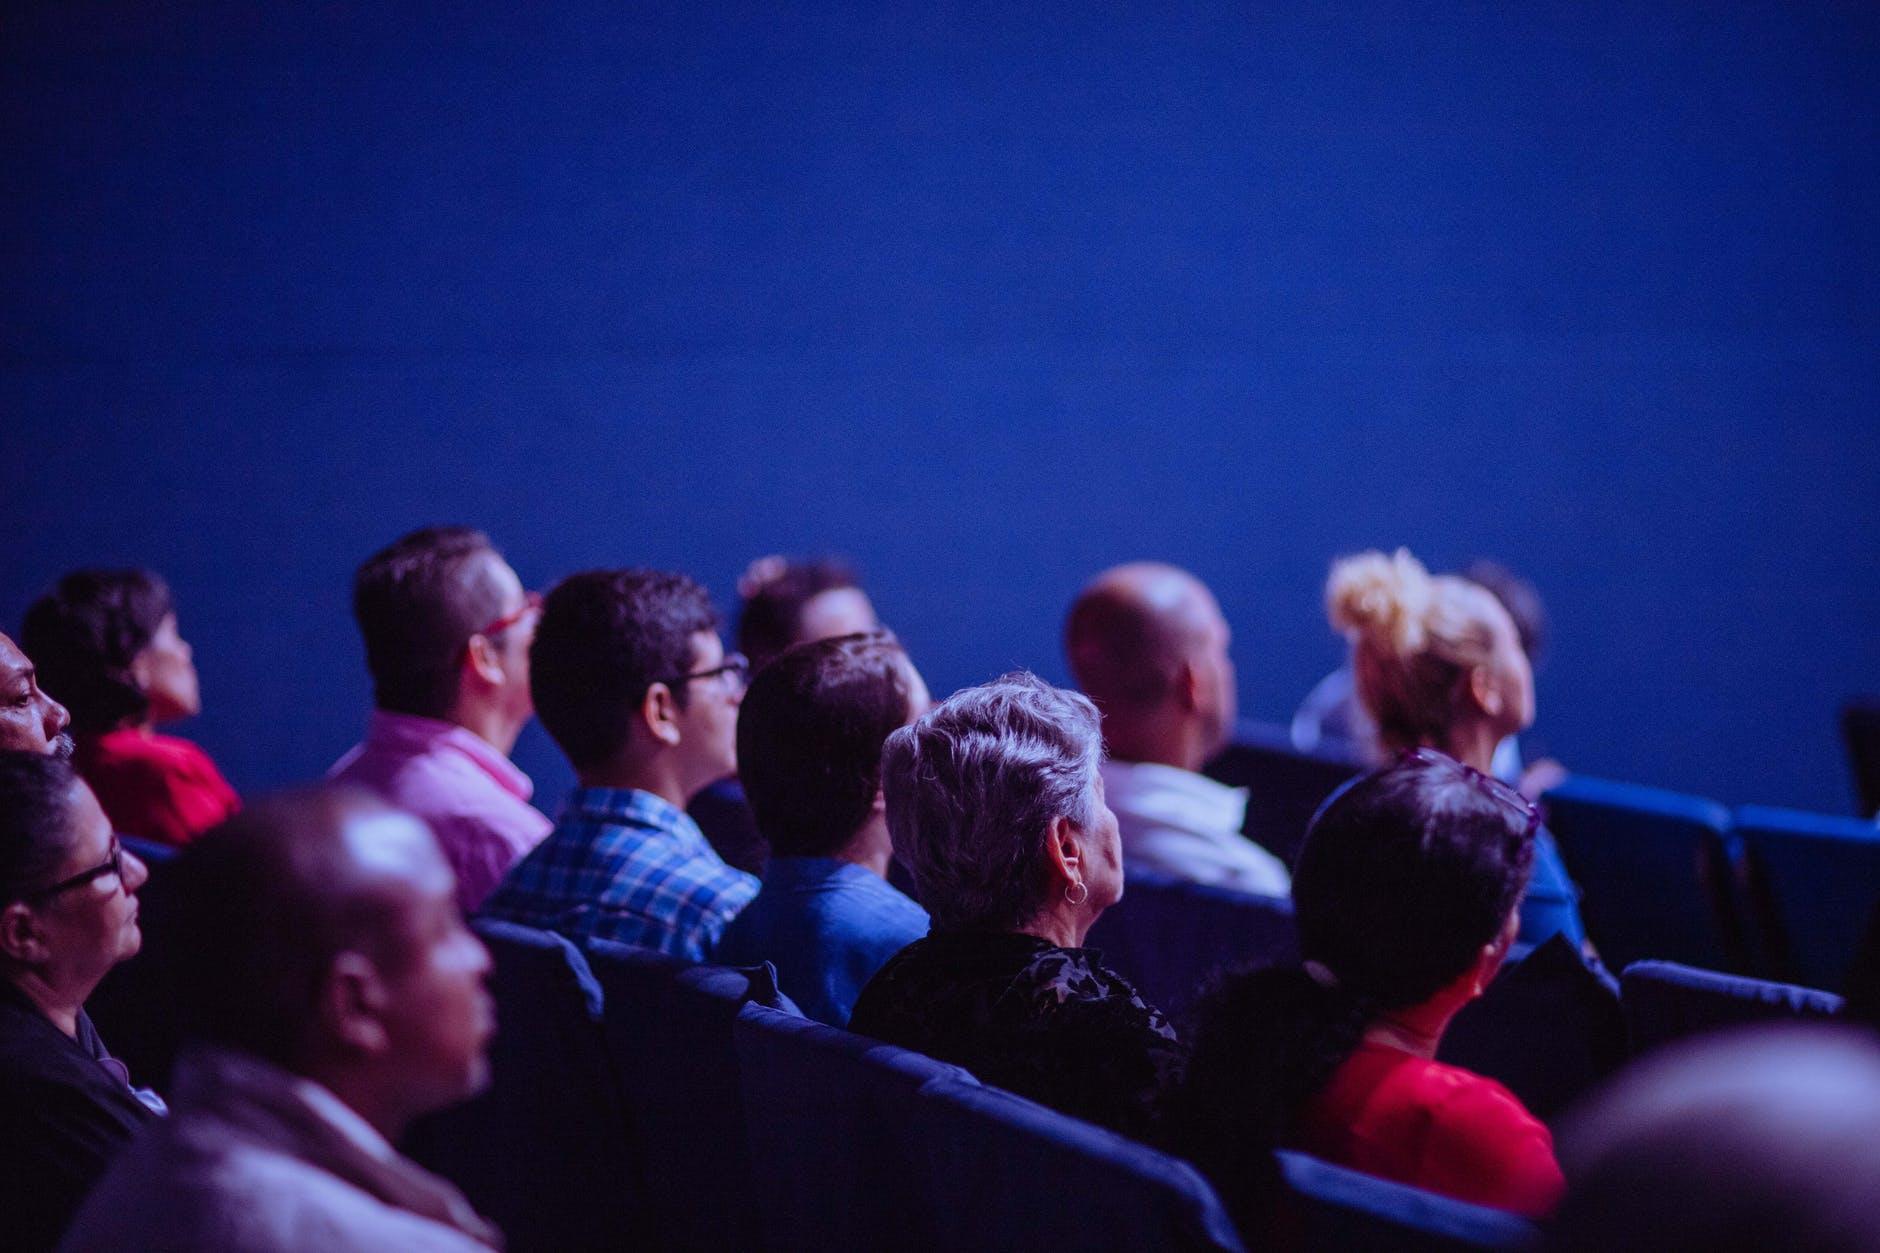 cinema-pubblico-platea-persone